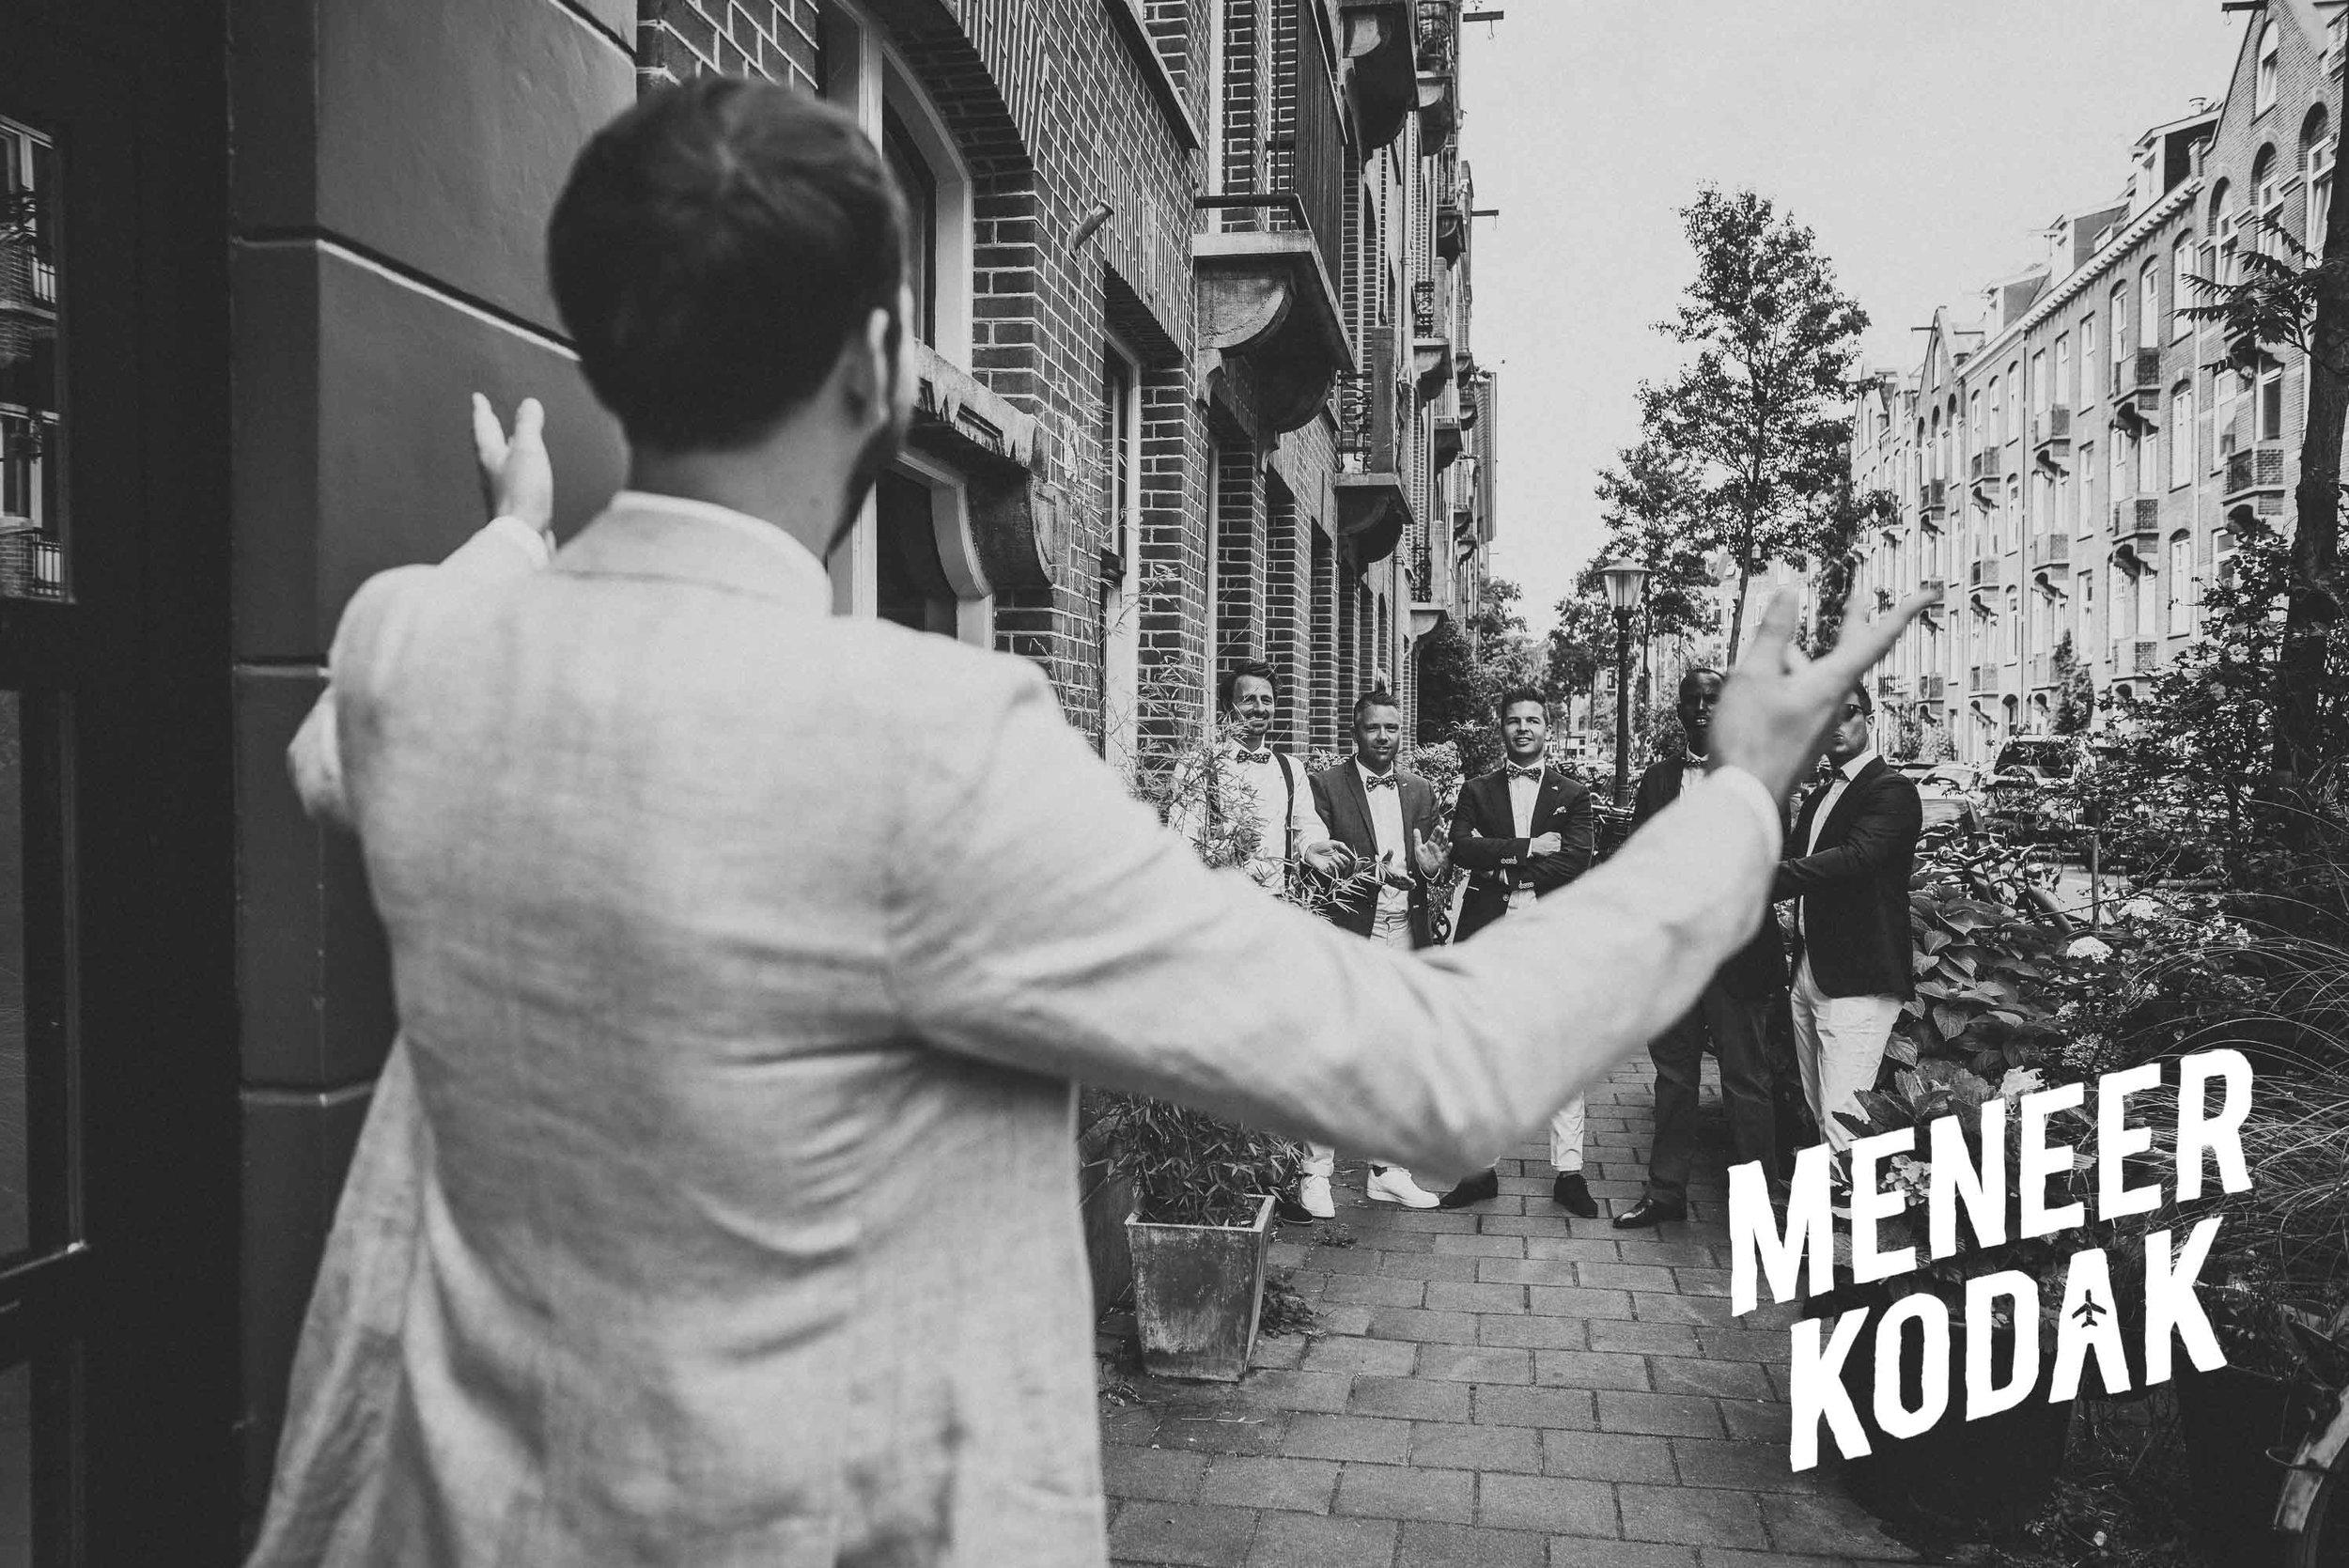 Meneer Kodak - Trouwfotograaf - Amsterdam - H&T-030.jpg